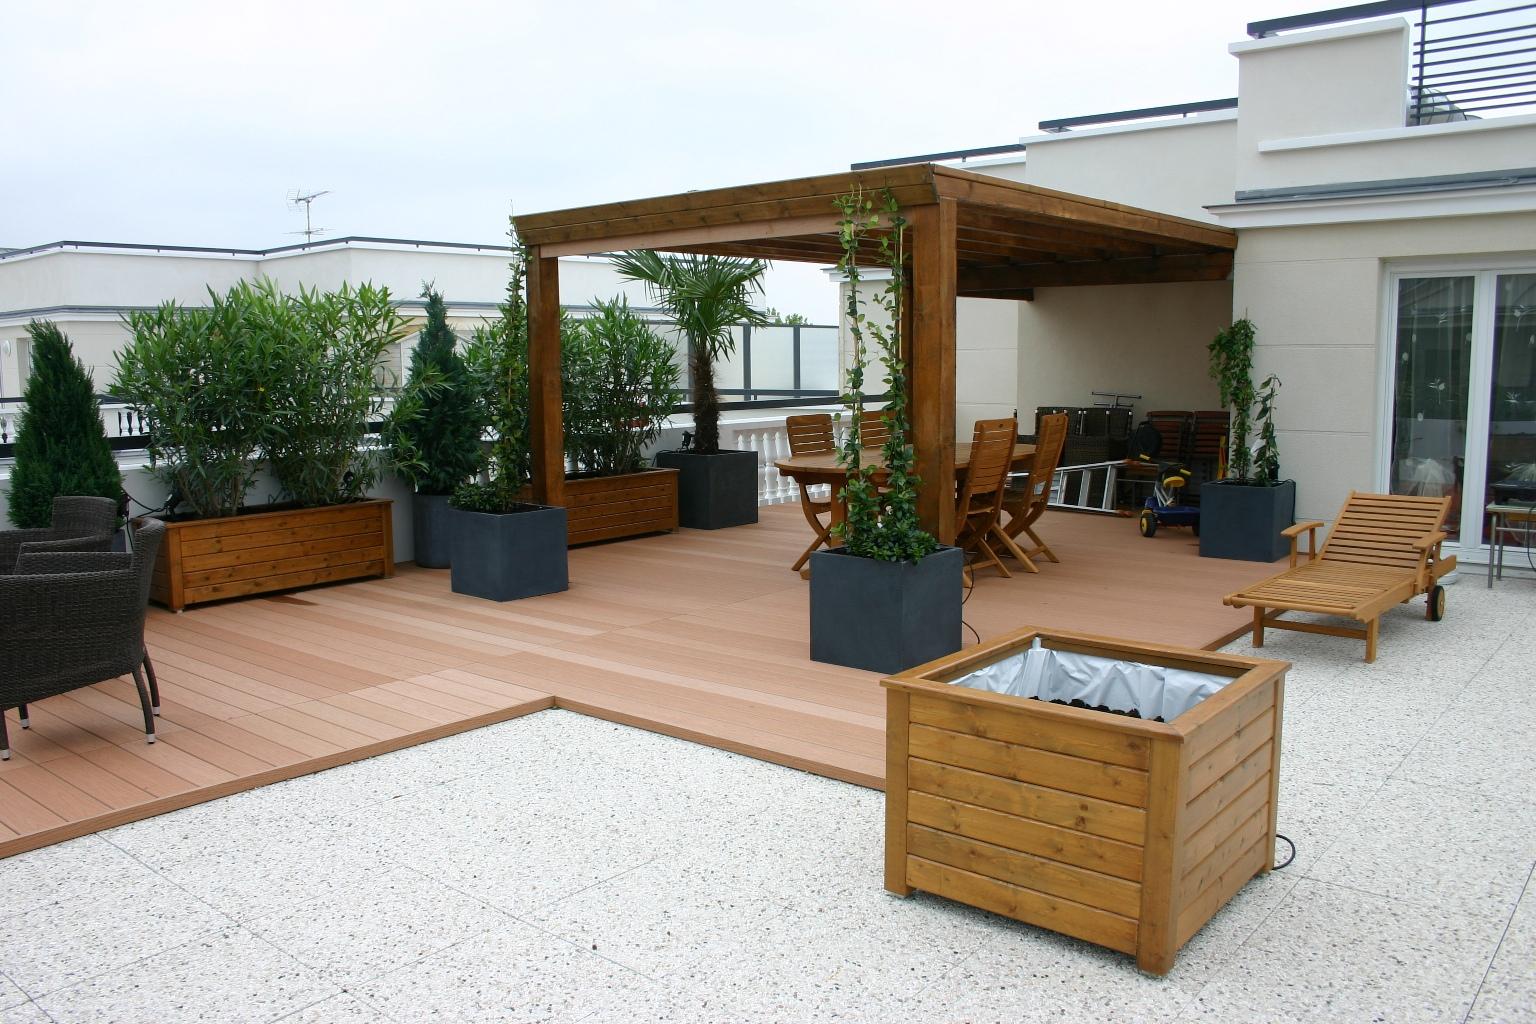 Comment Modérer Sa Terrasse À Moindre Coût? dedans Amenager Une Grande Terrasse